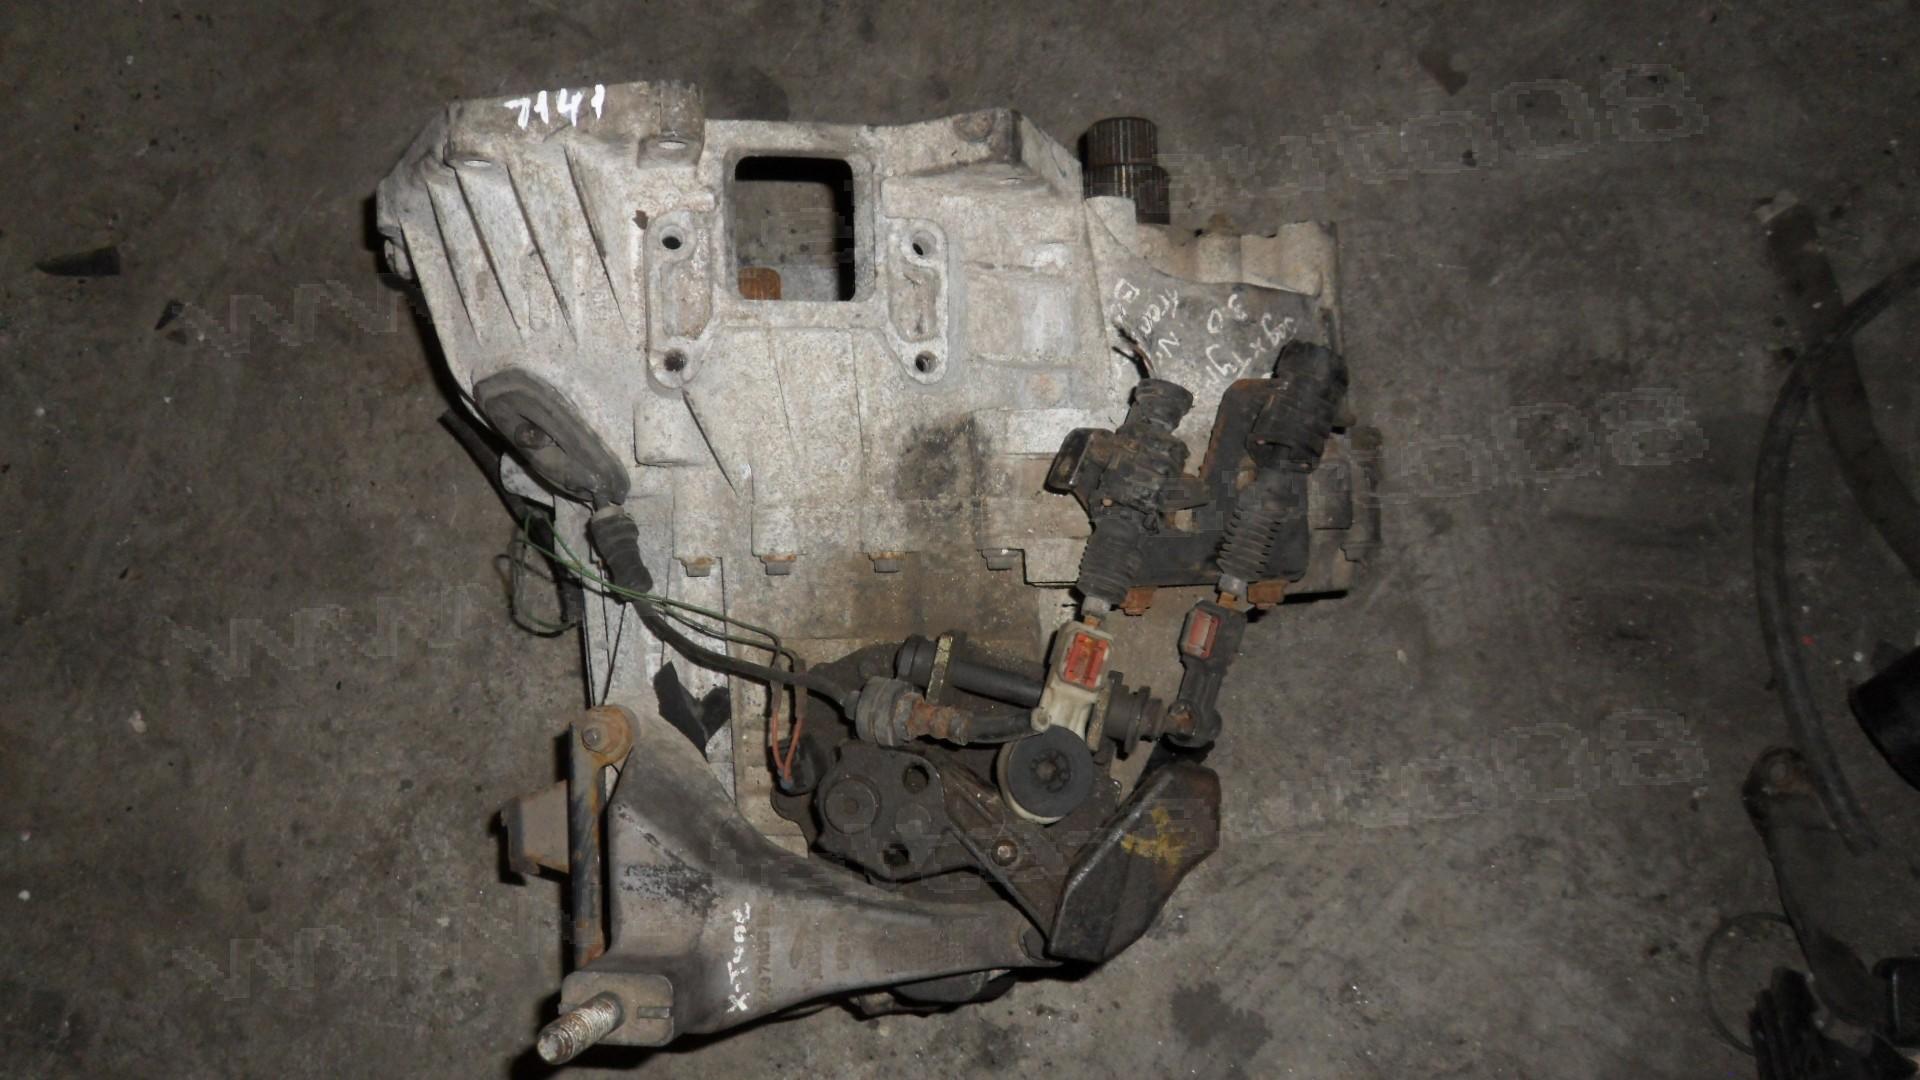 Ръчна скоростна кутия за Jaguar X-Type, 2.5, V6, 3.0, V6, 4x4, 2001-2010г., 1X4R 7002 AE, 1X4R7002AE - 5 скорости